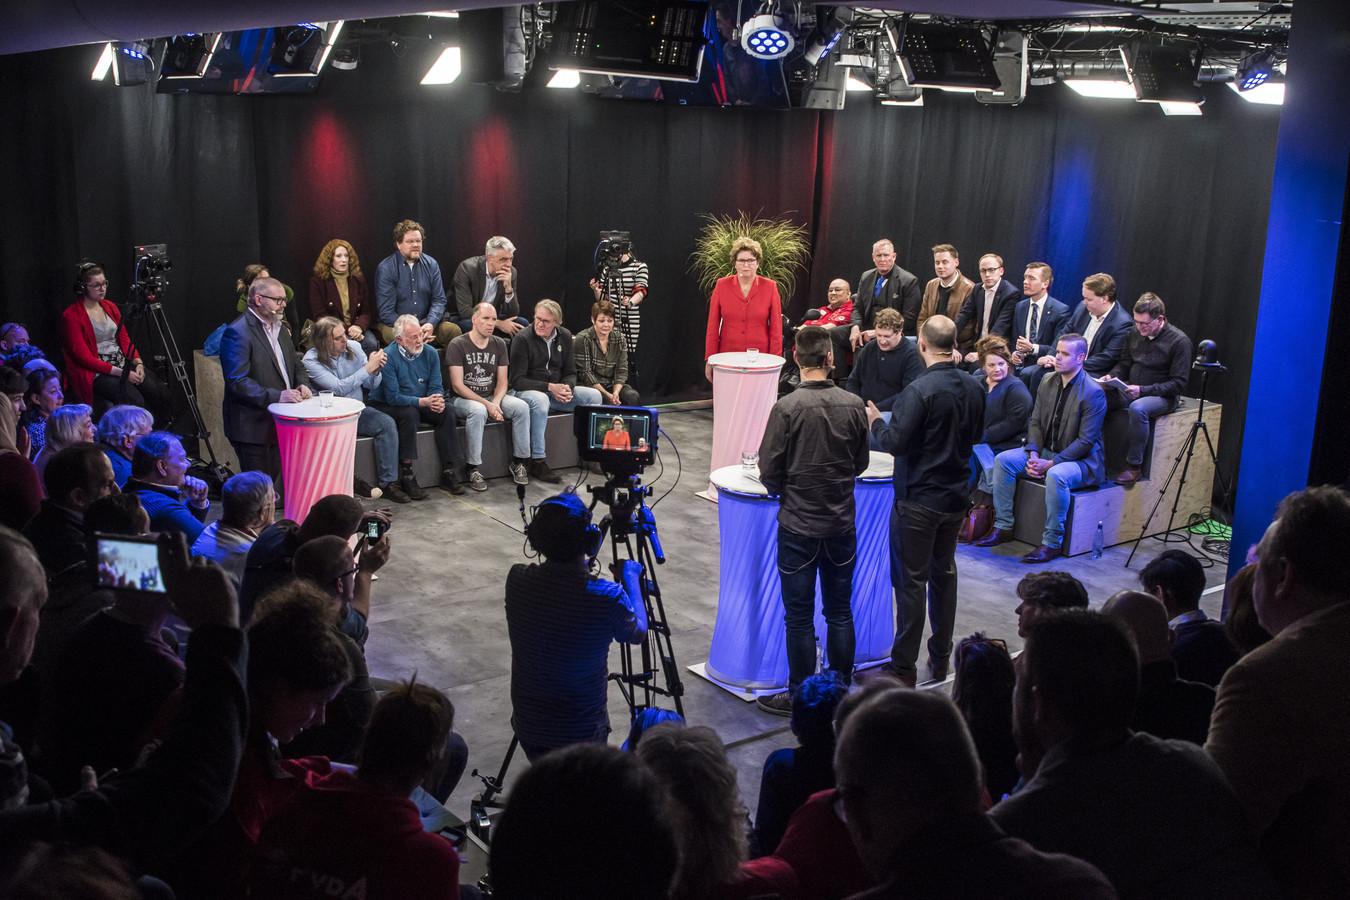 Slotdebat Ik teken voor 80! met 14 lijsttrekkers in het Balengebouw in Enschede, voor de gemeenteraadsverkiezingen van 2018.